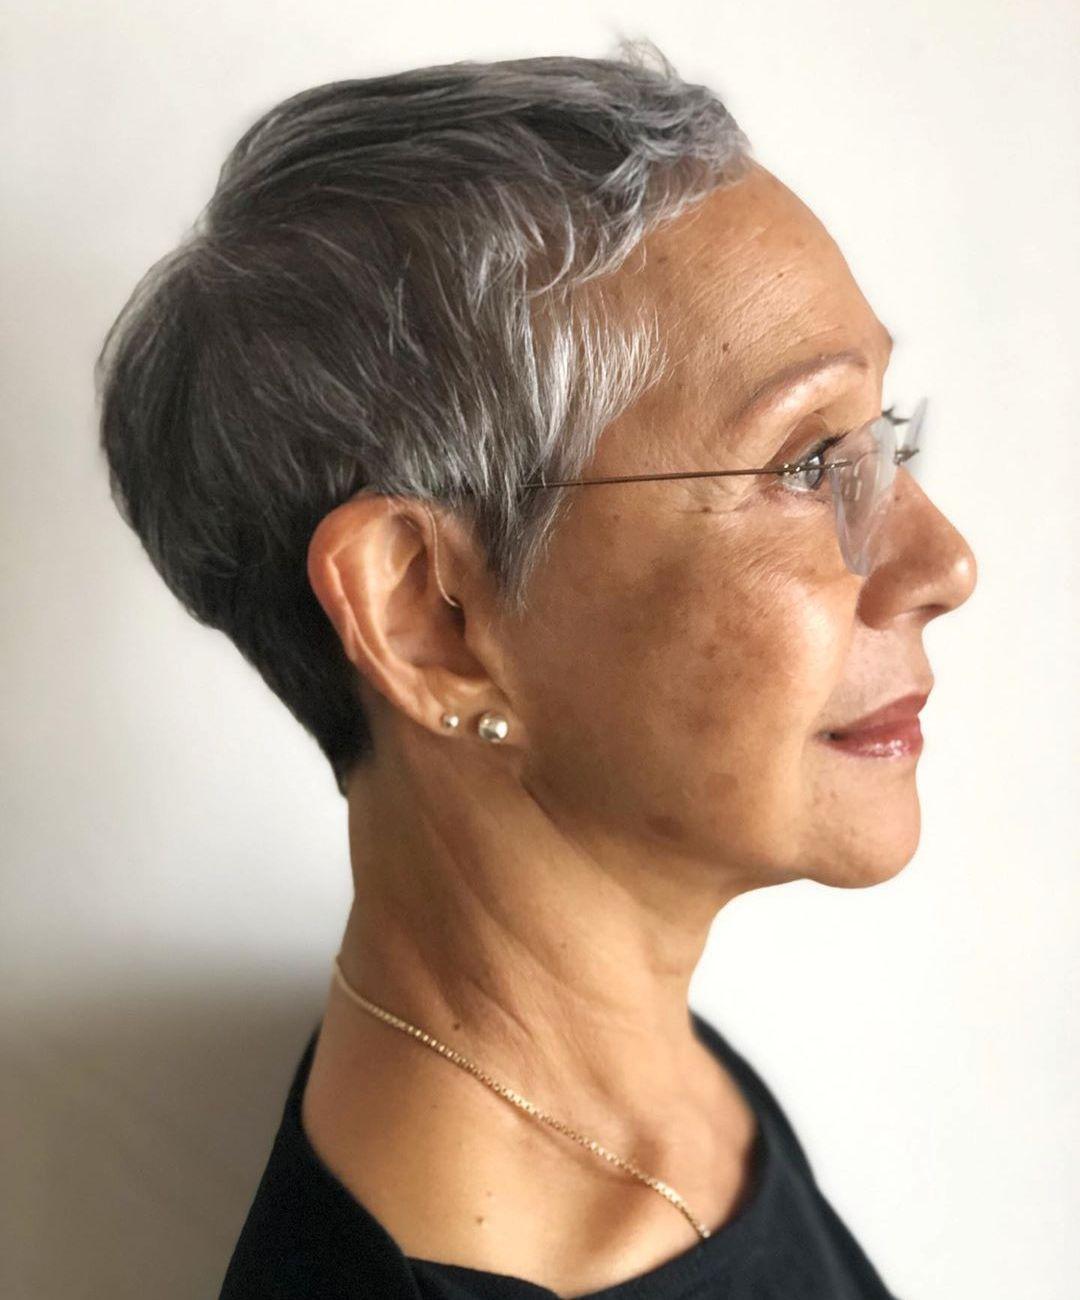 Women's Haircut for Super Short Hair